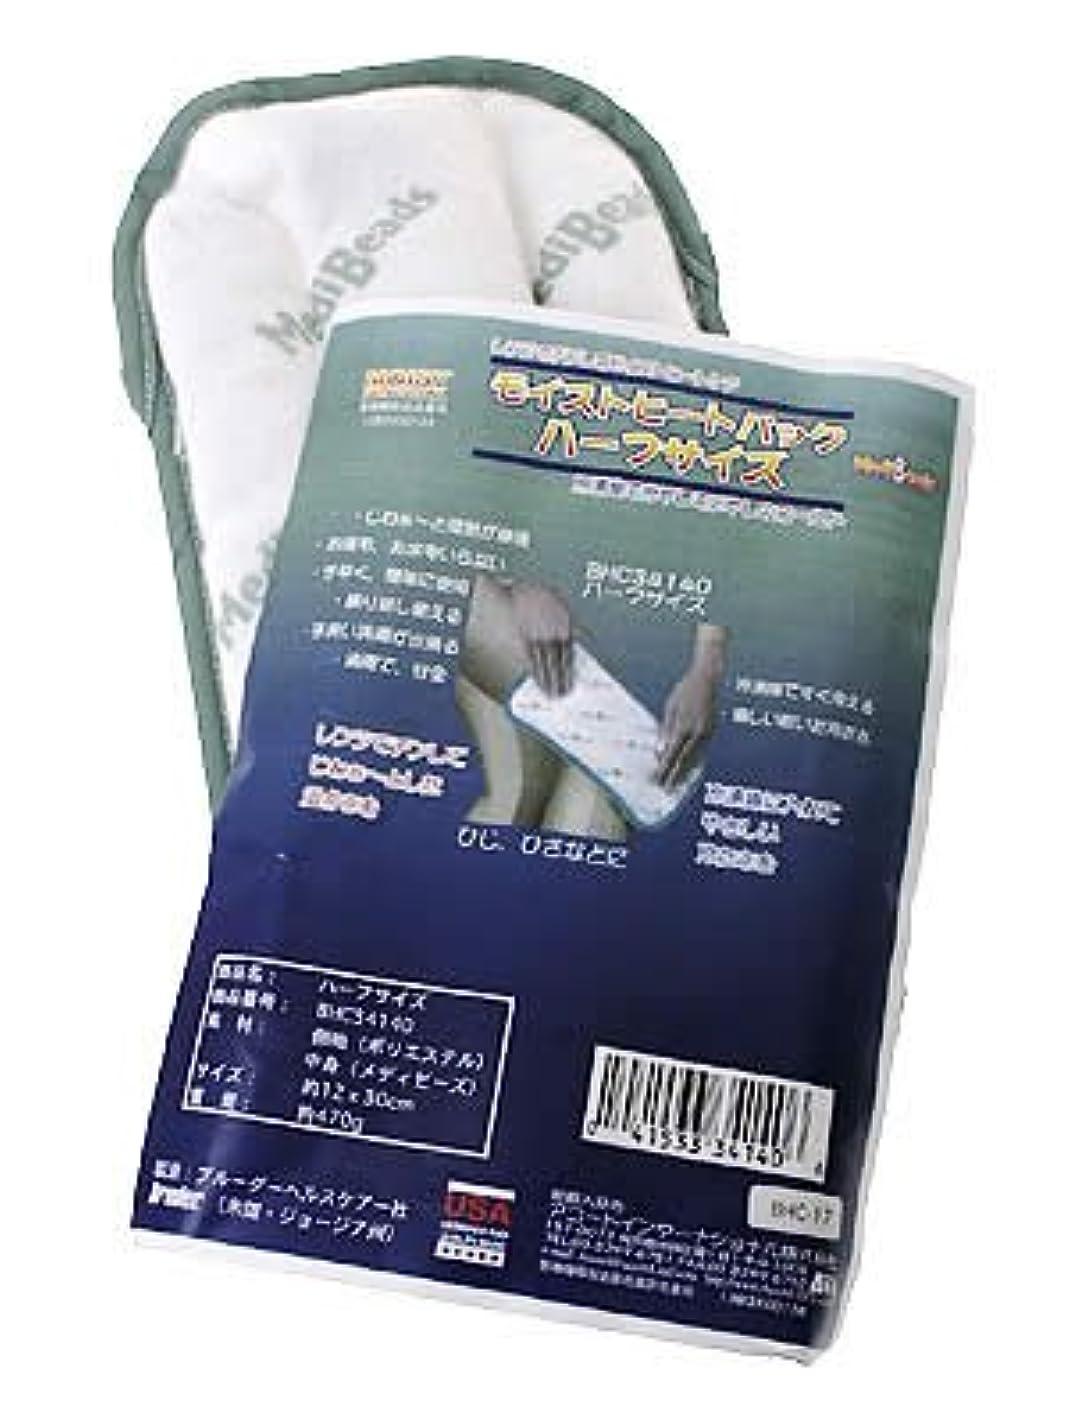 キャリア上不幸【一般医療機器】アコードインターナショナル (BHC34140) モイストヒートパック メディビーズ (ハーフサイズ) 12×30cm 温湿熱パック 温熱療法